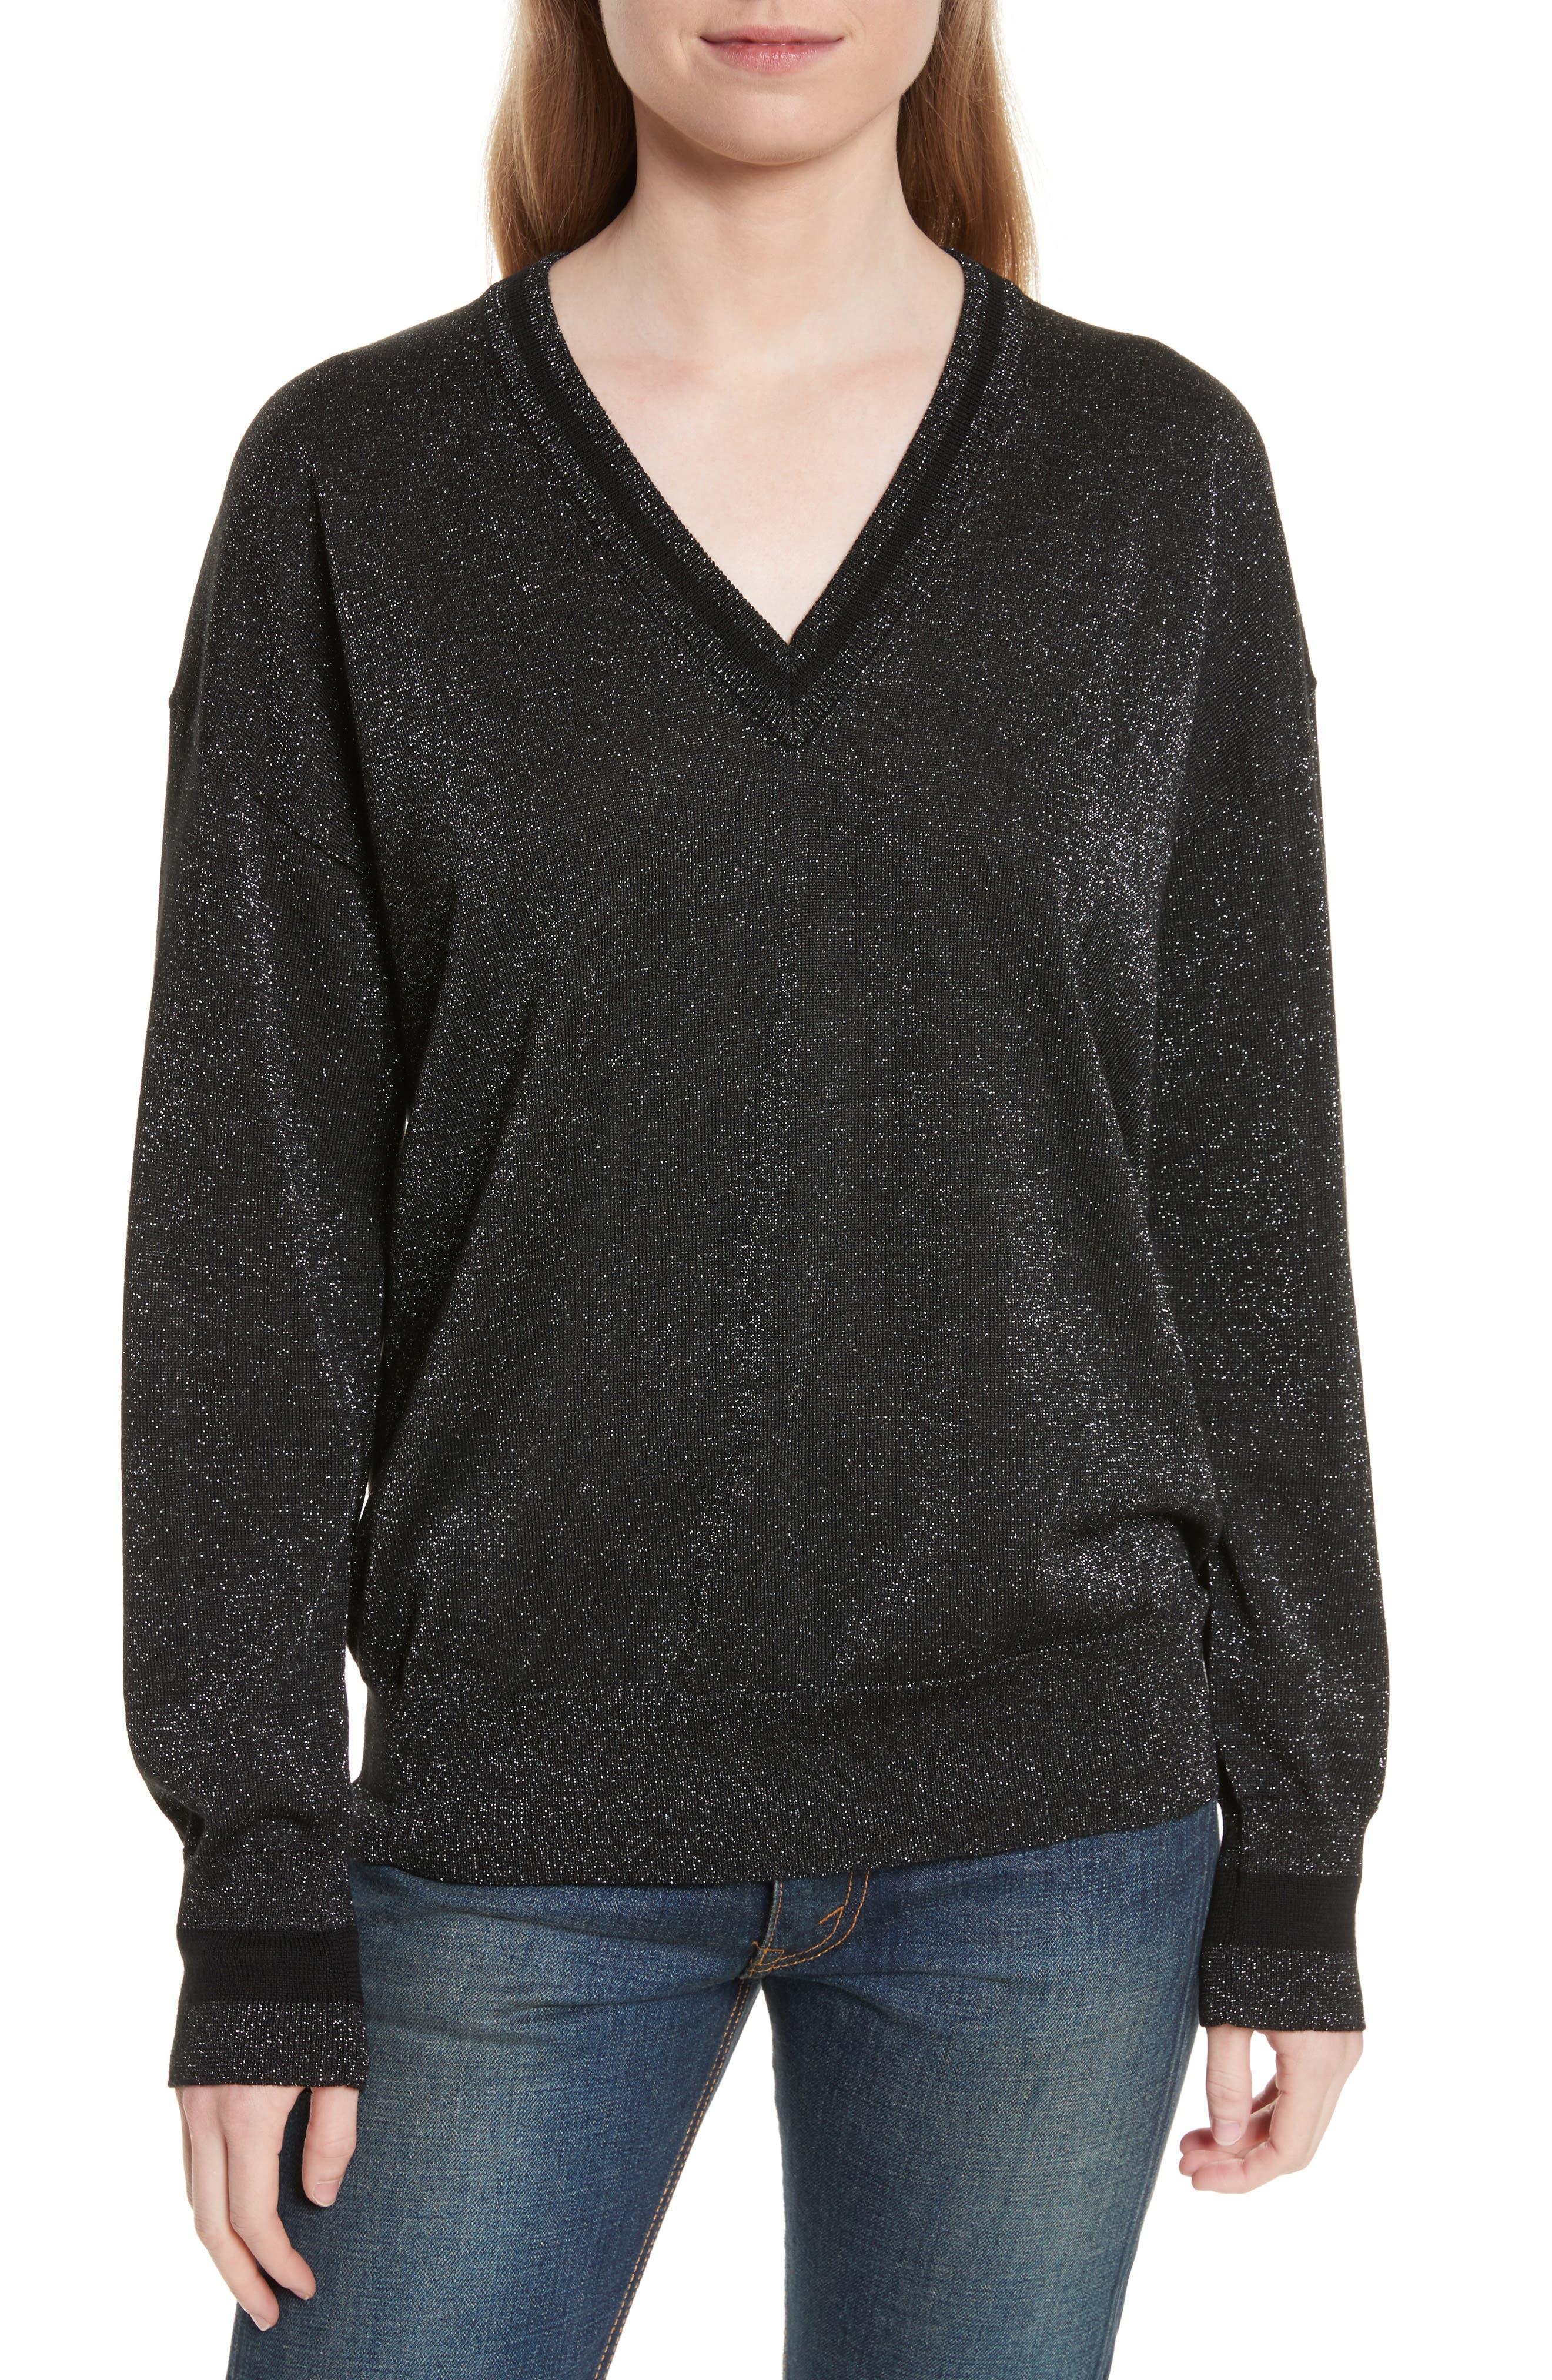 Alternate Image 1 Selected - Equipment Lucinda V-Neck Sweater